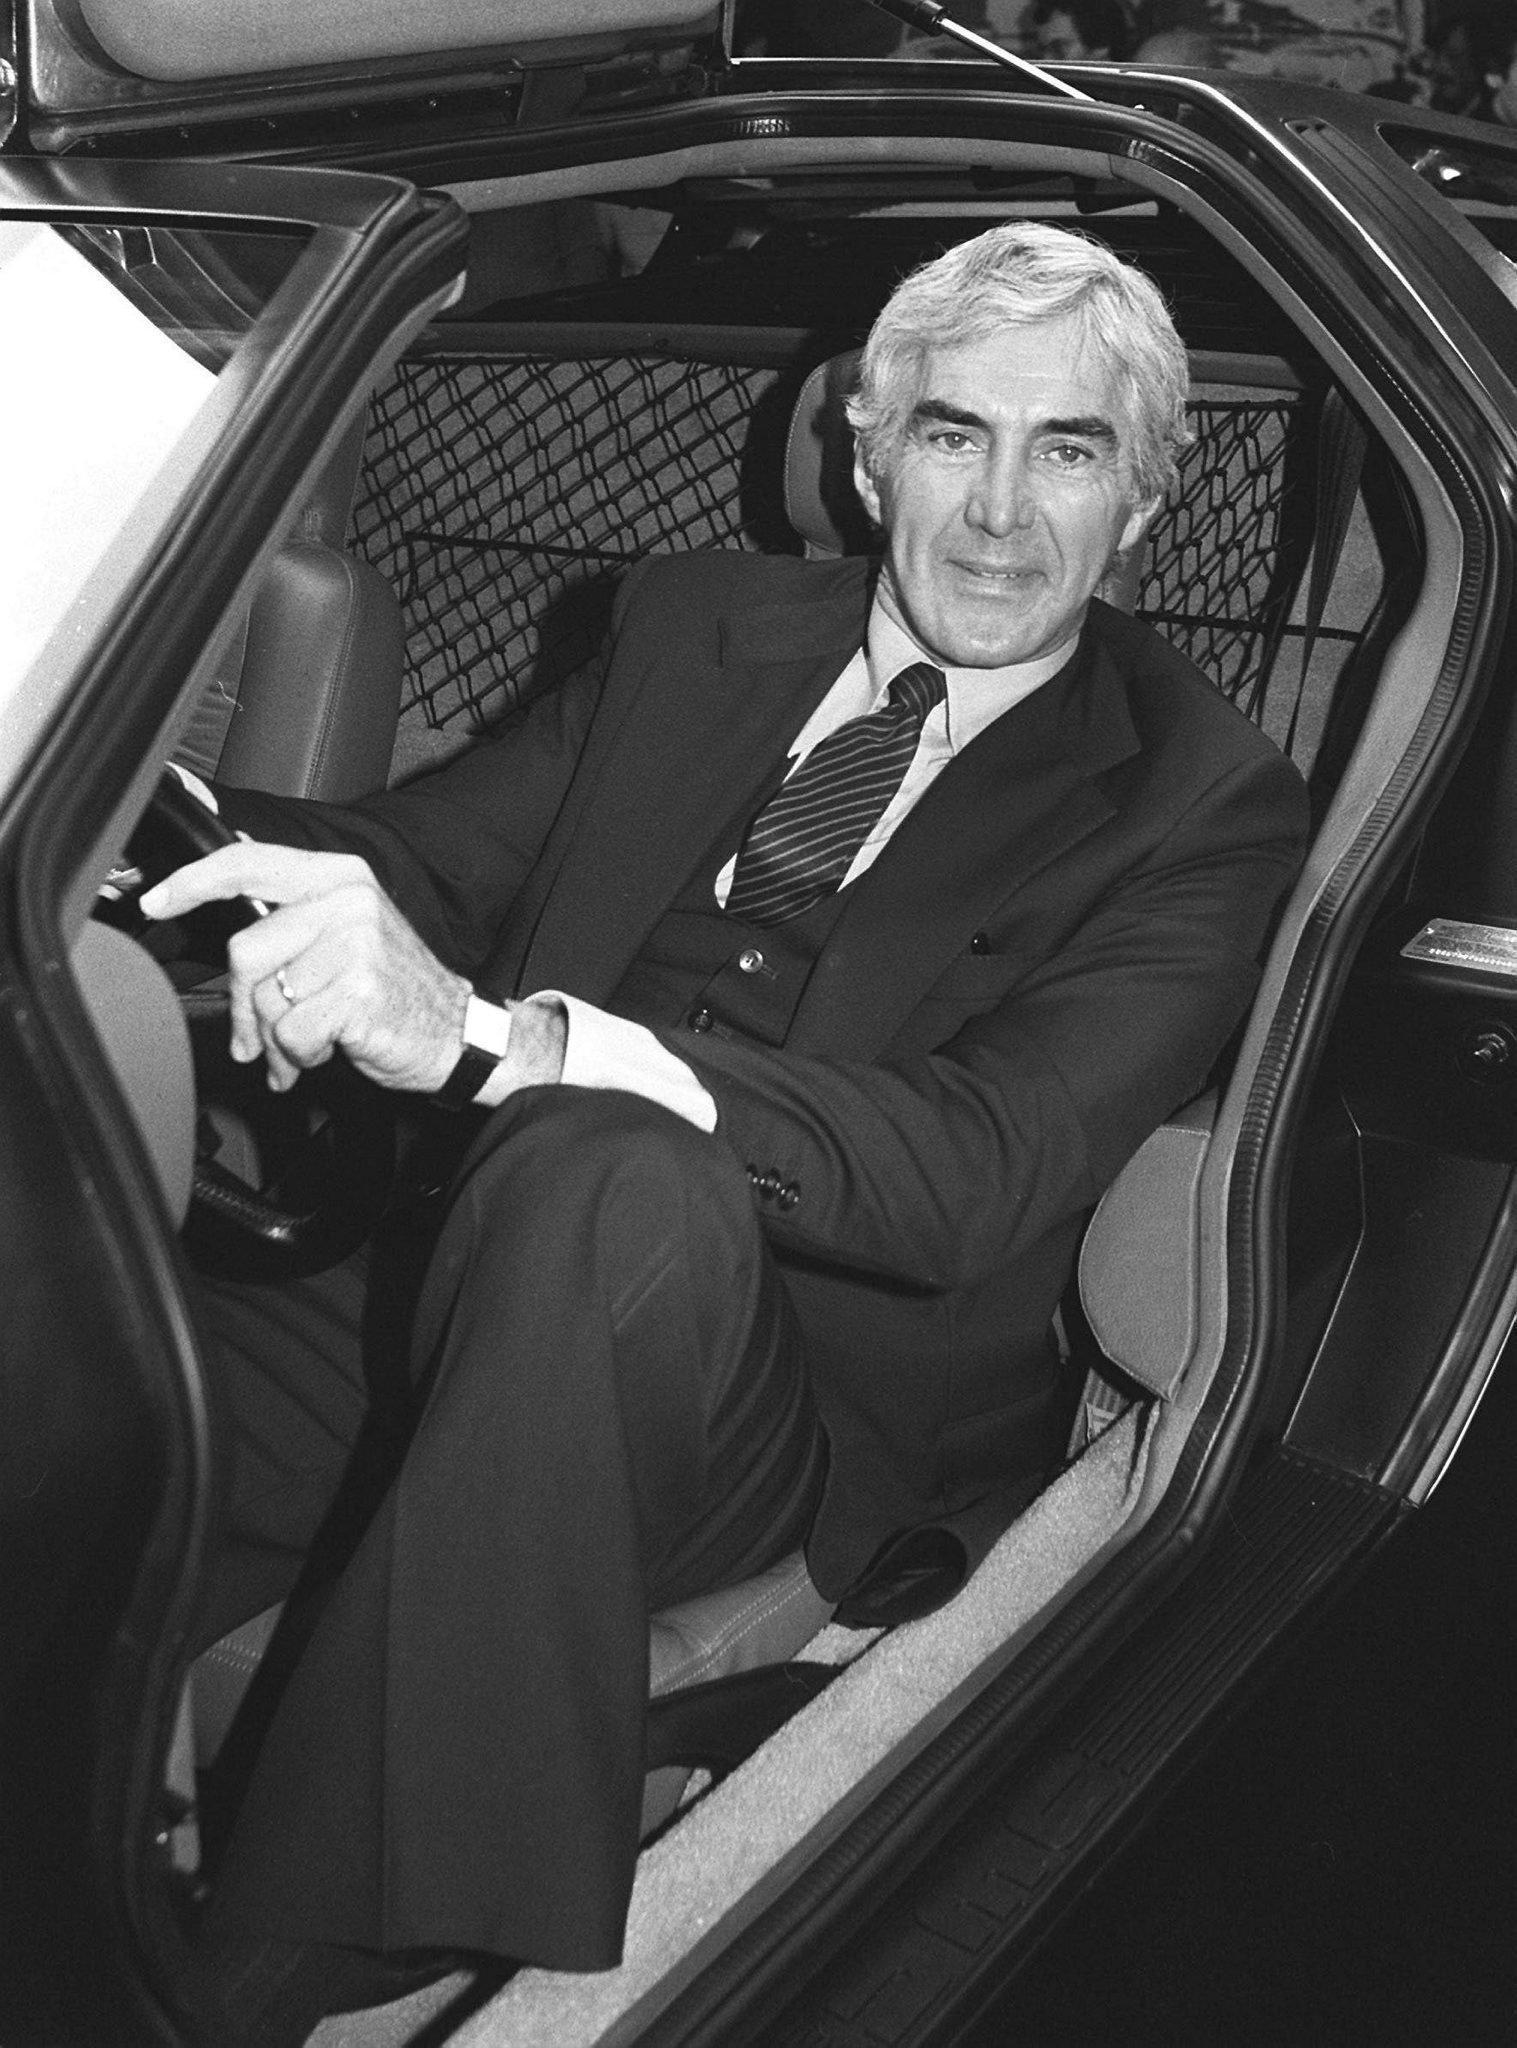 John De Lorean 1981: Der erfindungsreiche Sportwagenbauer starb 2005 im Alter von 80 Jahren.